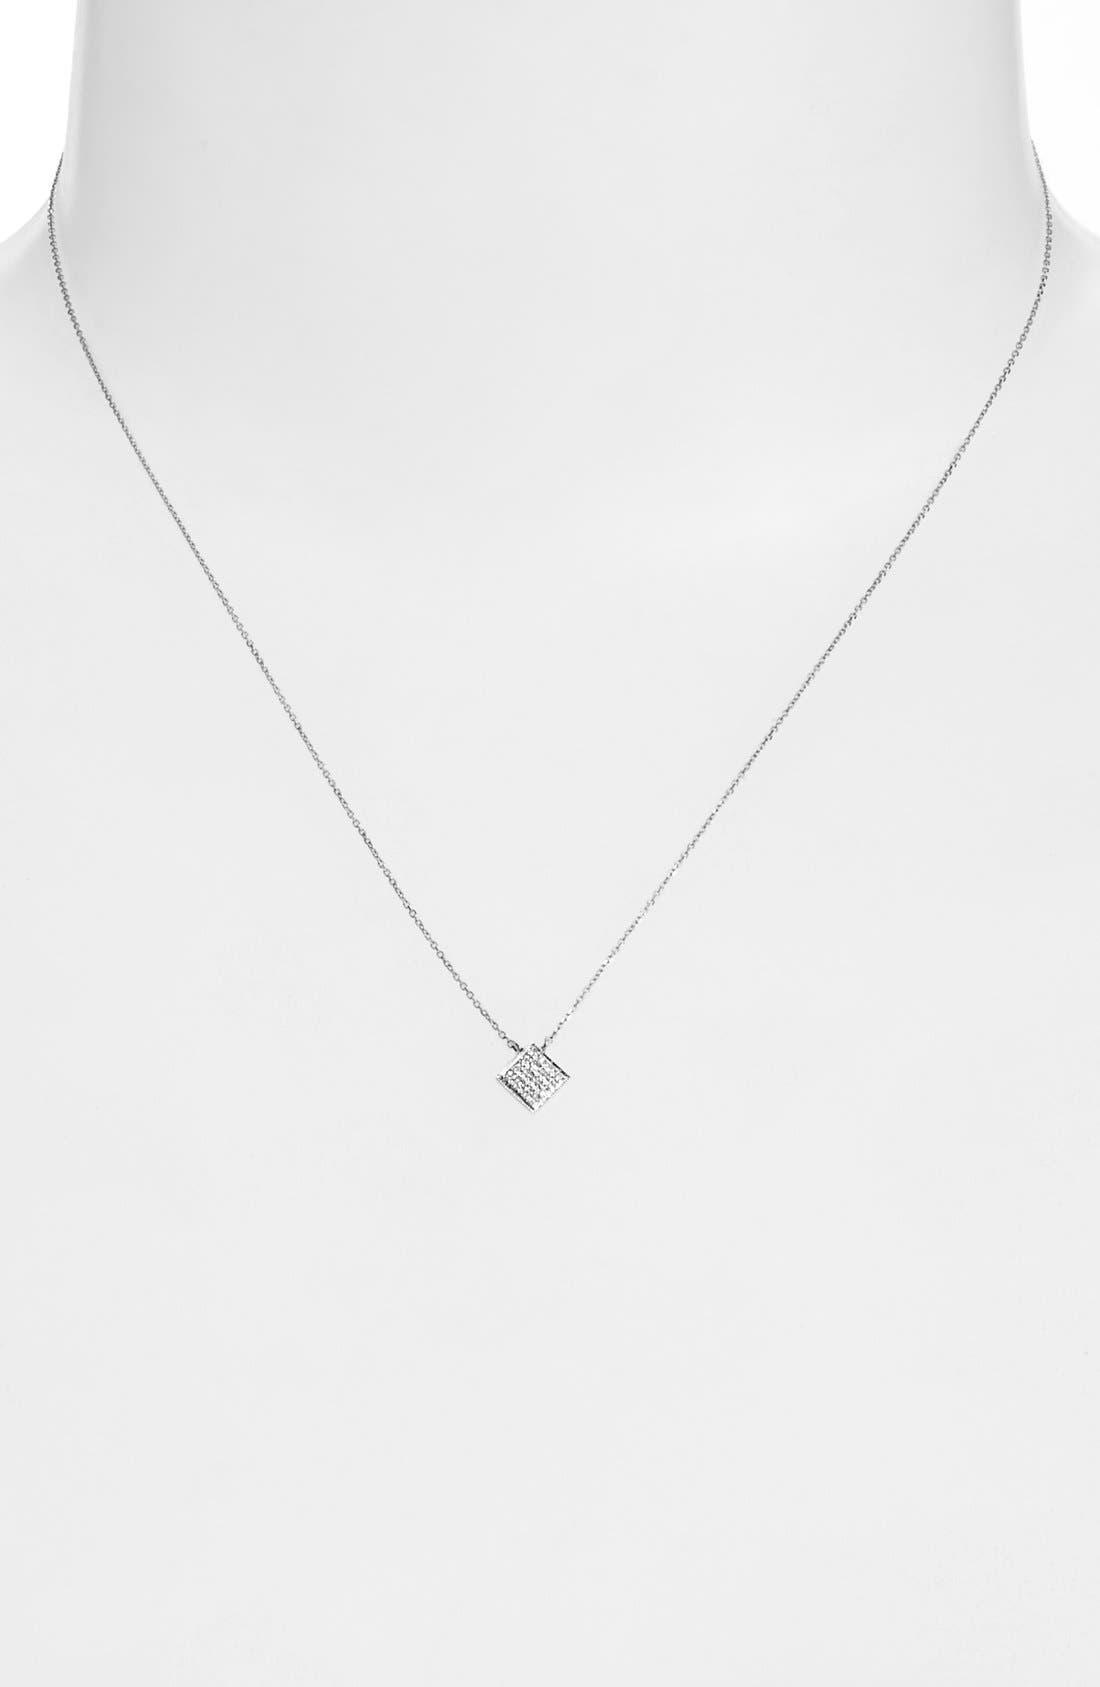 'Lisa Michelle' Diamond Pavé Square Pendant Necklace,                             Alternate thumbnail 2, color,                             711